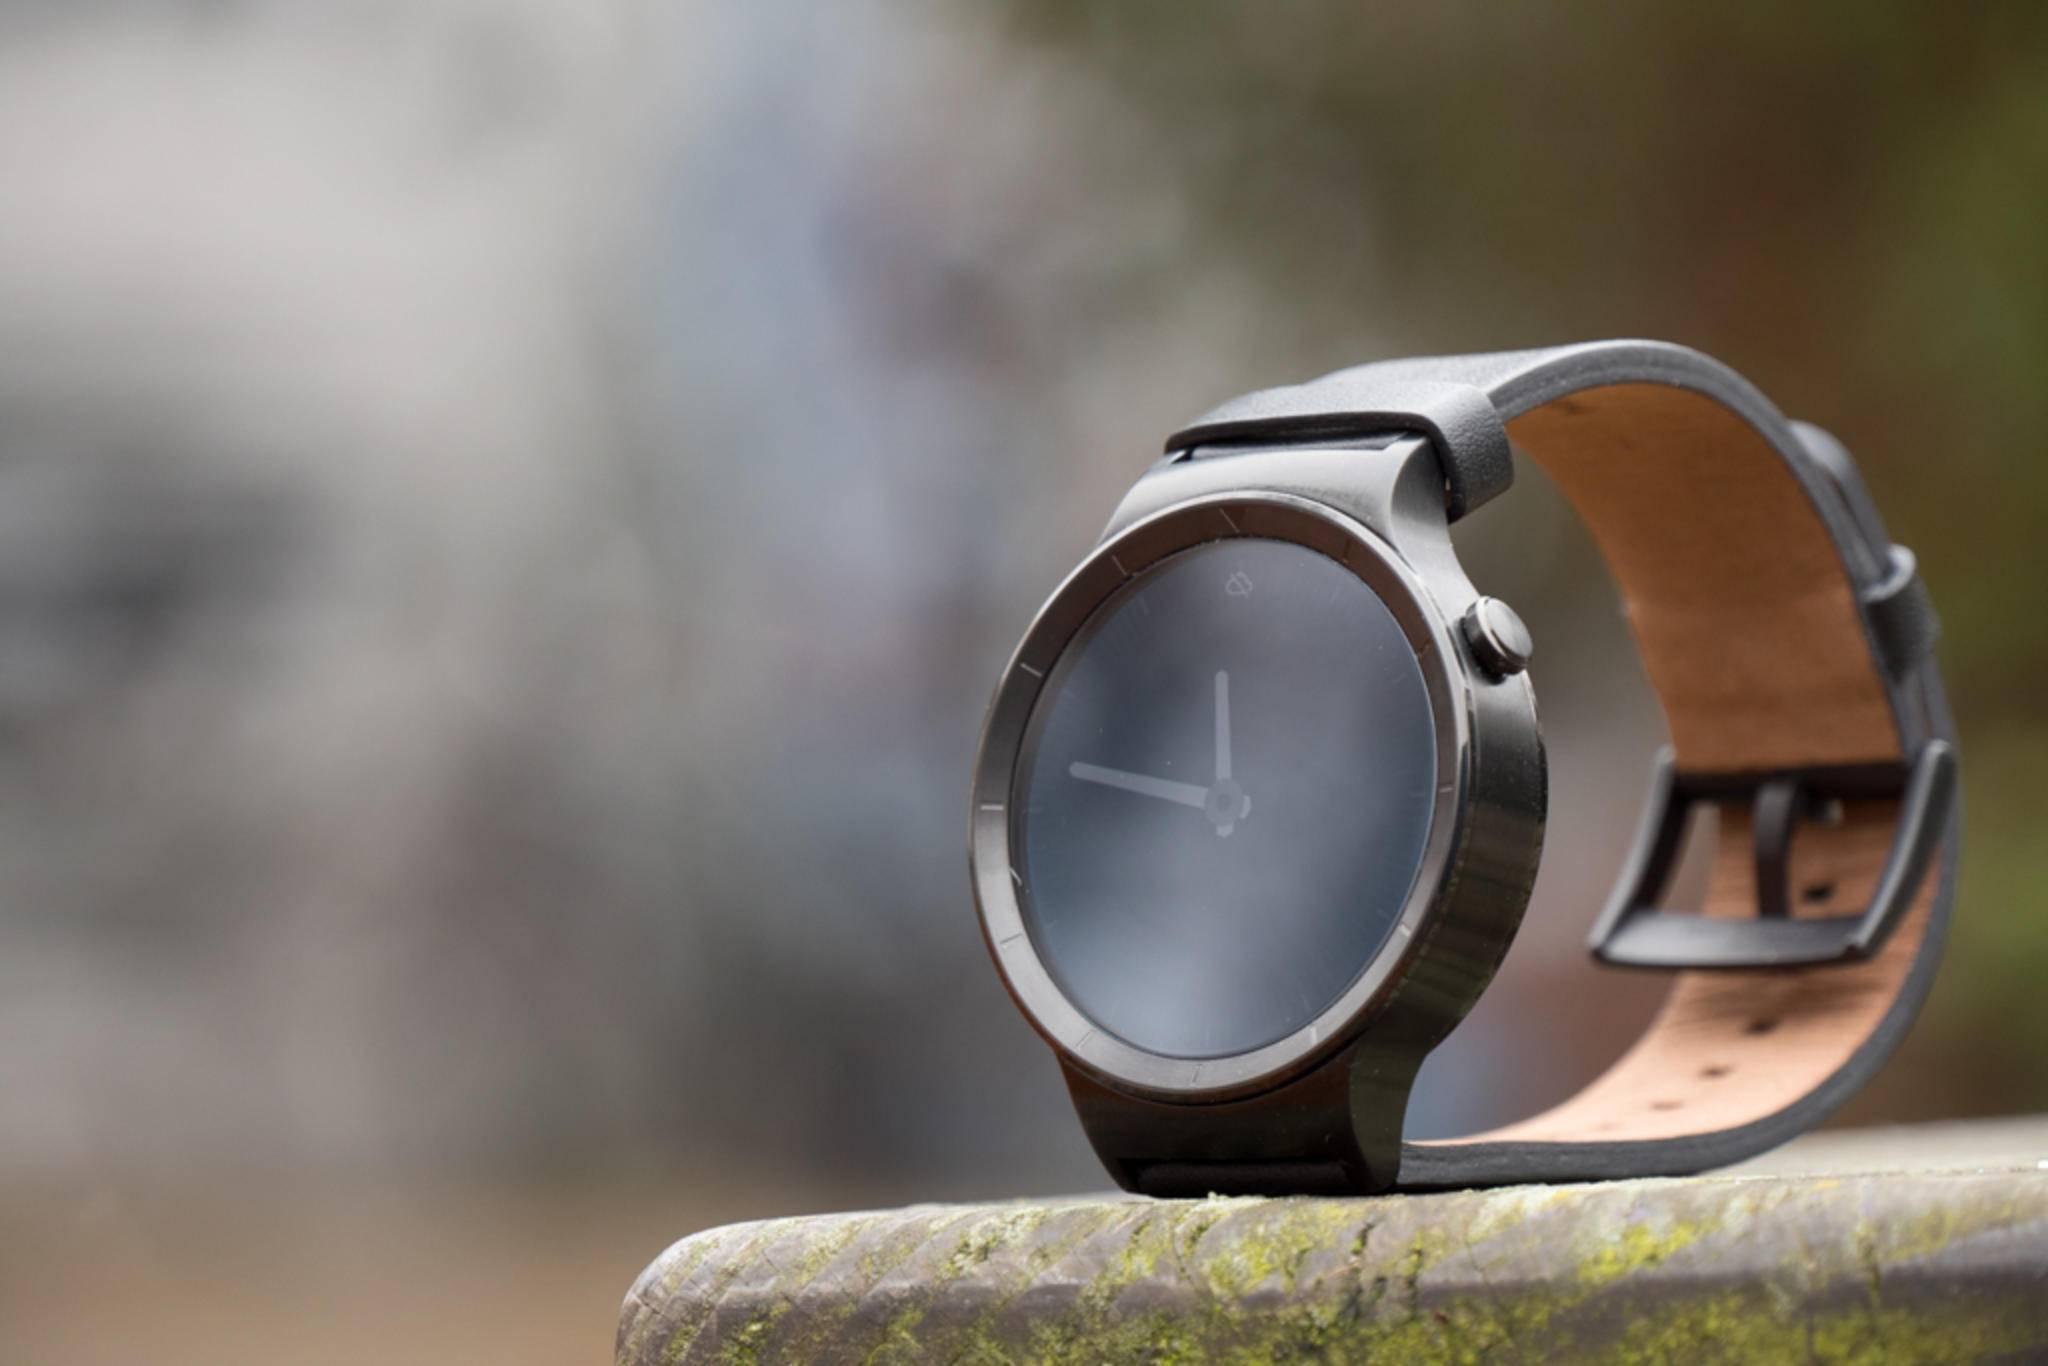 Der Funktionsumfang der drei Smartwatch-Modelle fällt sehr ähnlich aus.